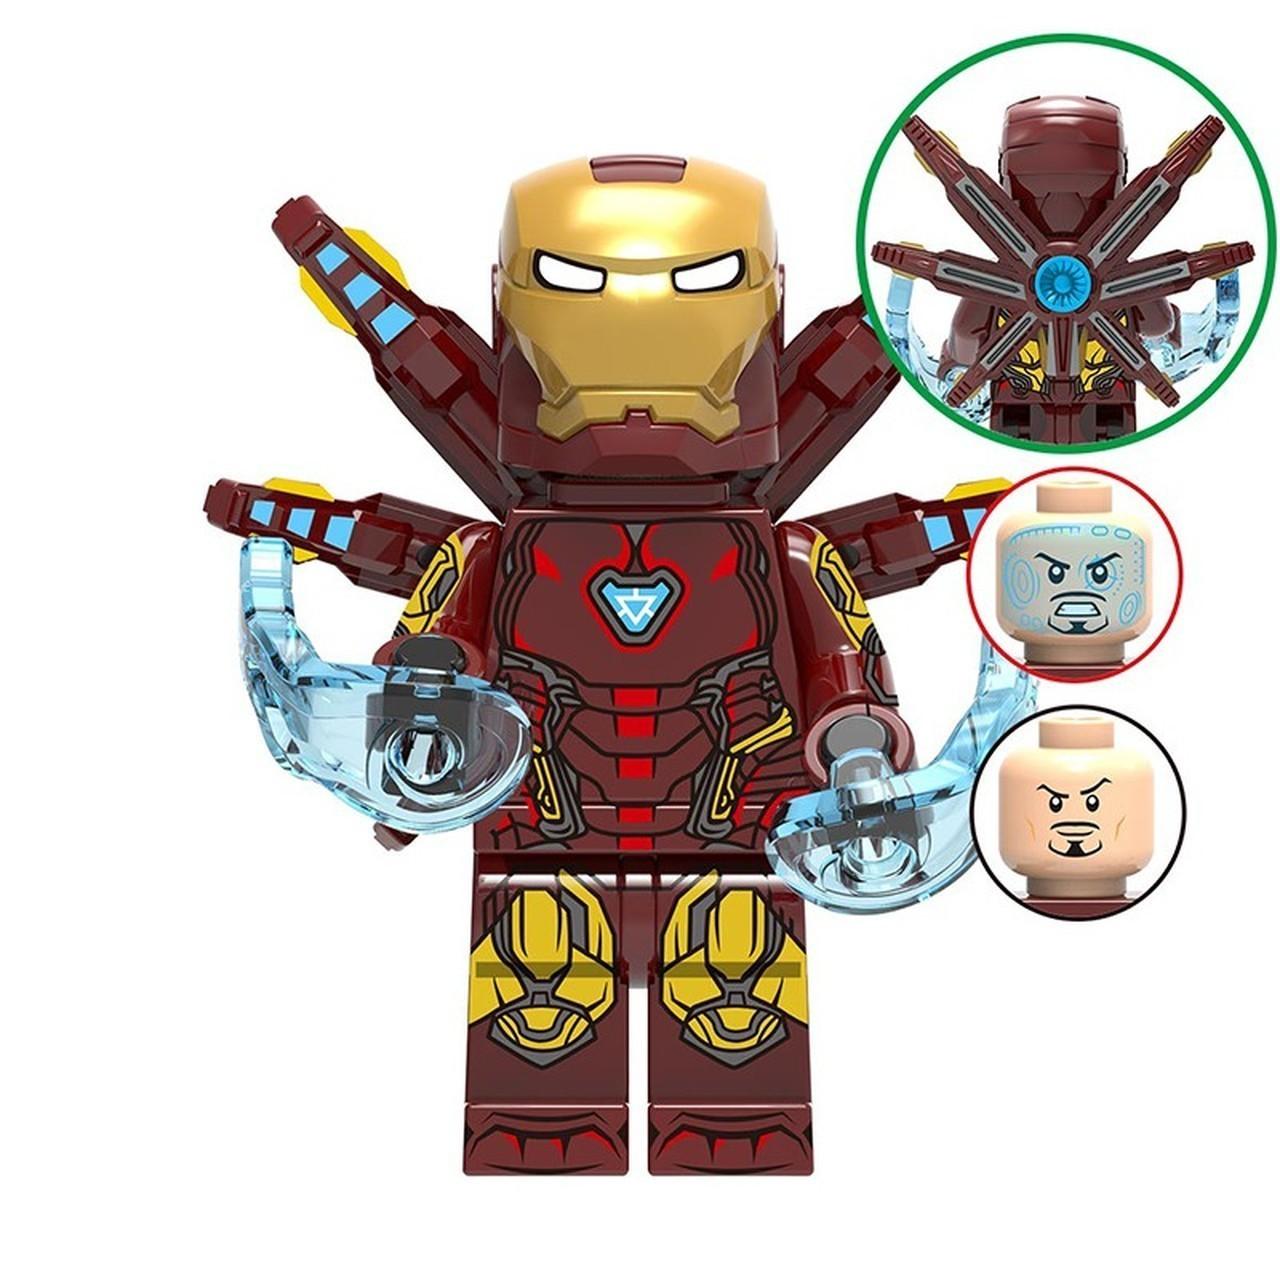 LEGO  Homem de Ferro Mark 85 (Iron man Mark 85) Garras Estrela - Marvel  - Toyshow Geek e Colecionáveis Tudo em Marvel DC Netflix Vídeo Games